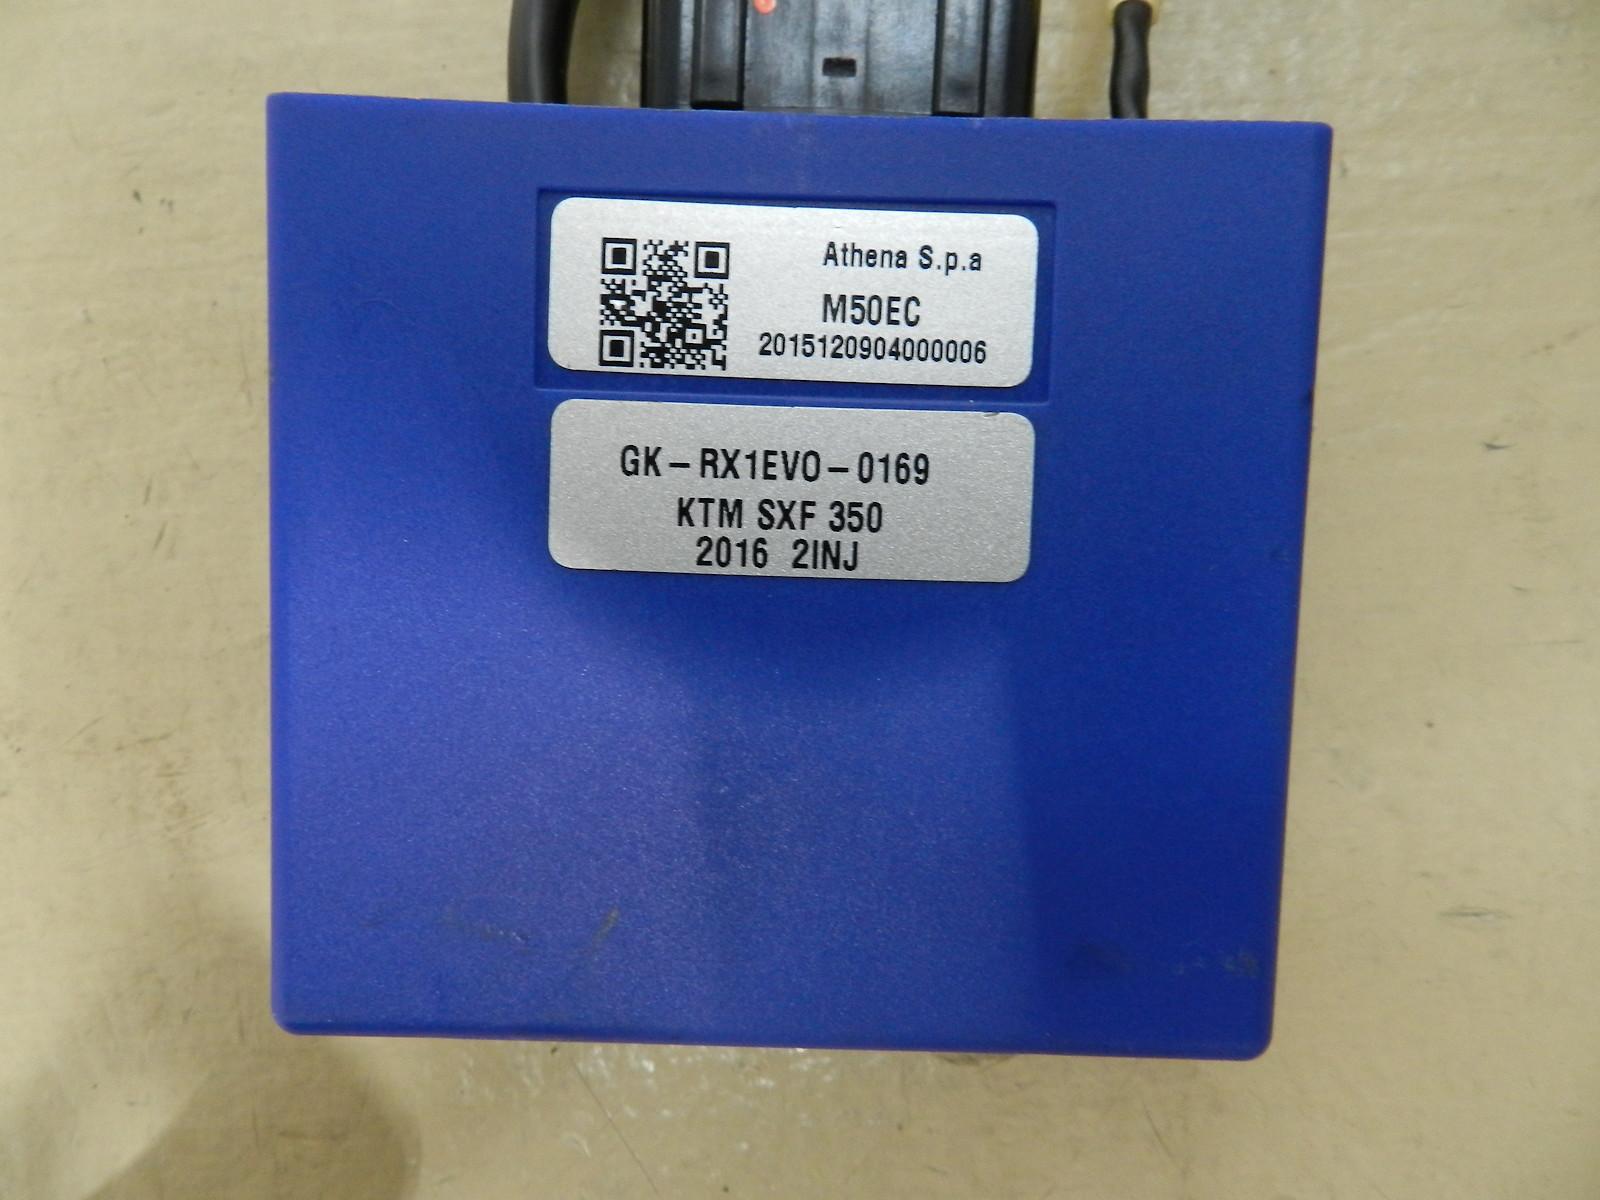 KTM Husqvarna 350 GET ECU w/ Switch (2nd injector ready) $450 - For